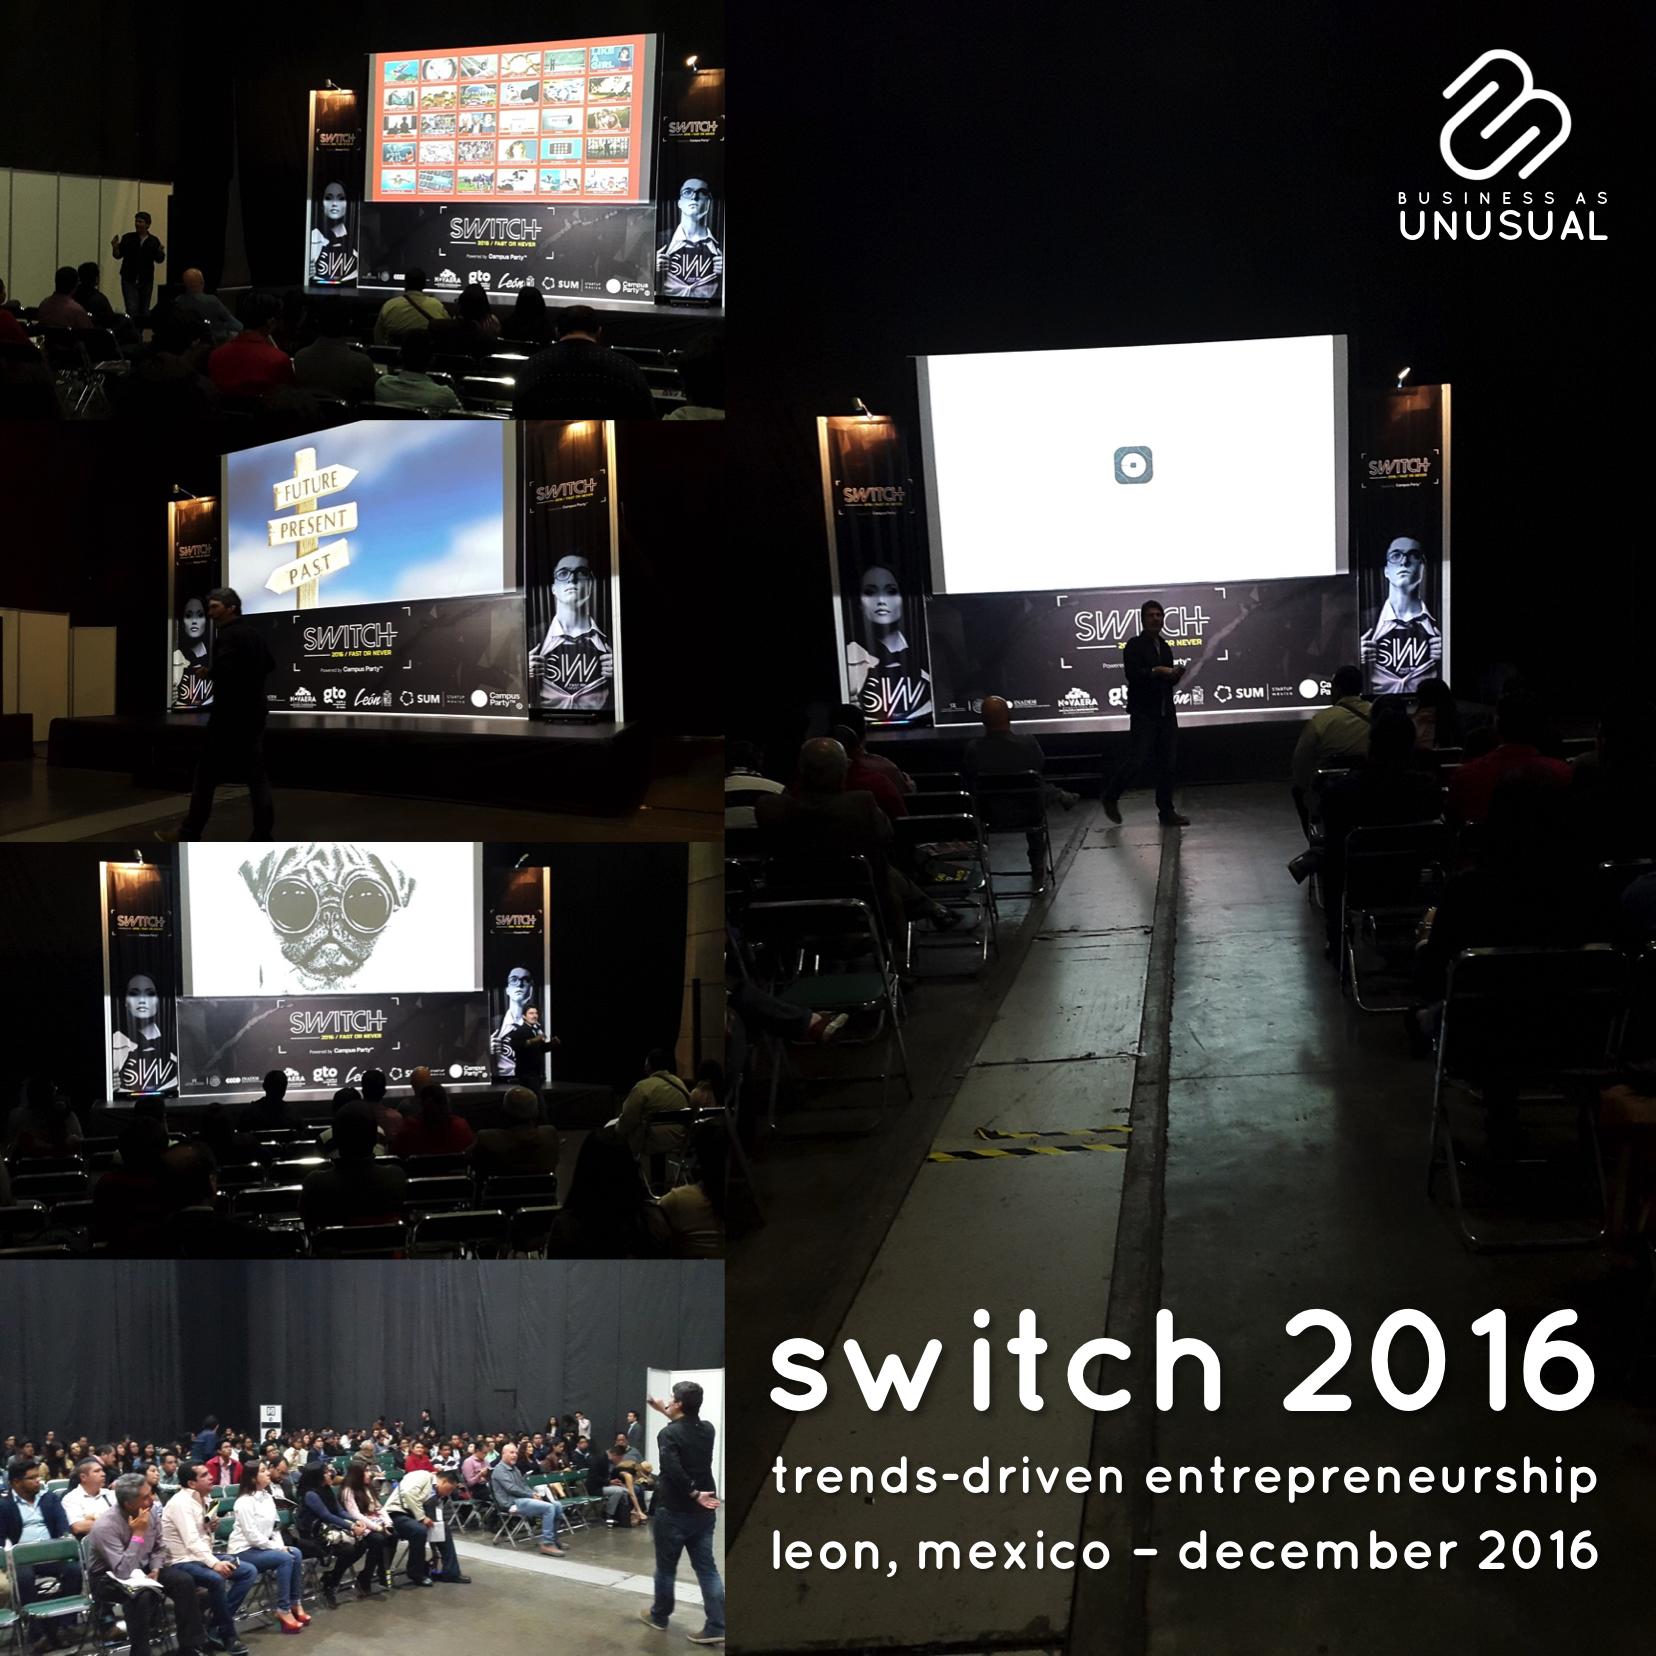 Switch 2016 - Trends-Driven Entrepreneurship